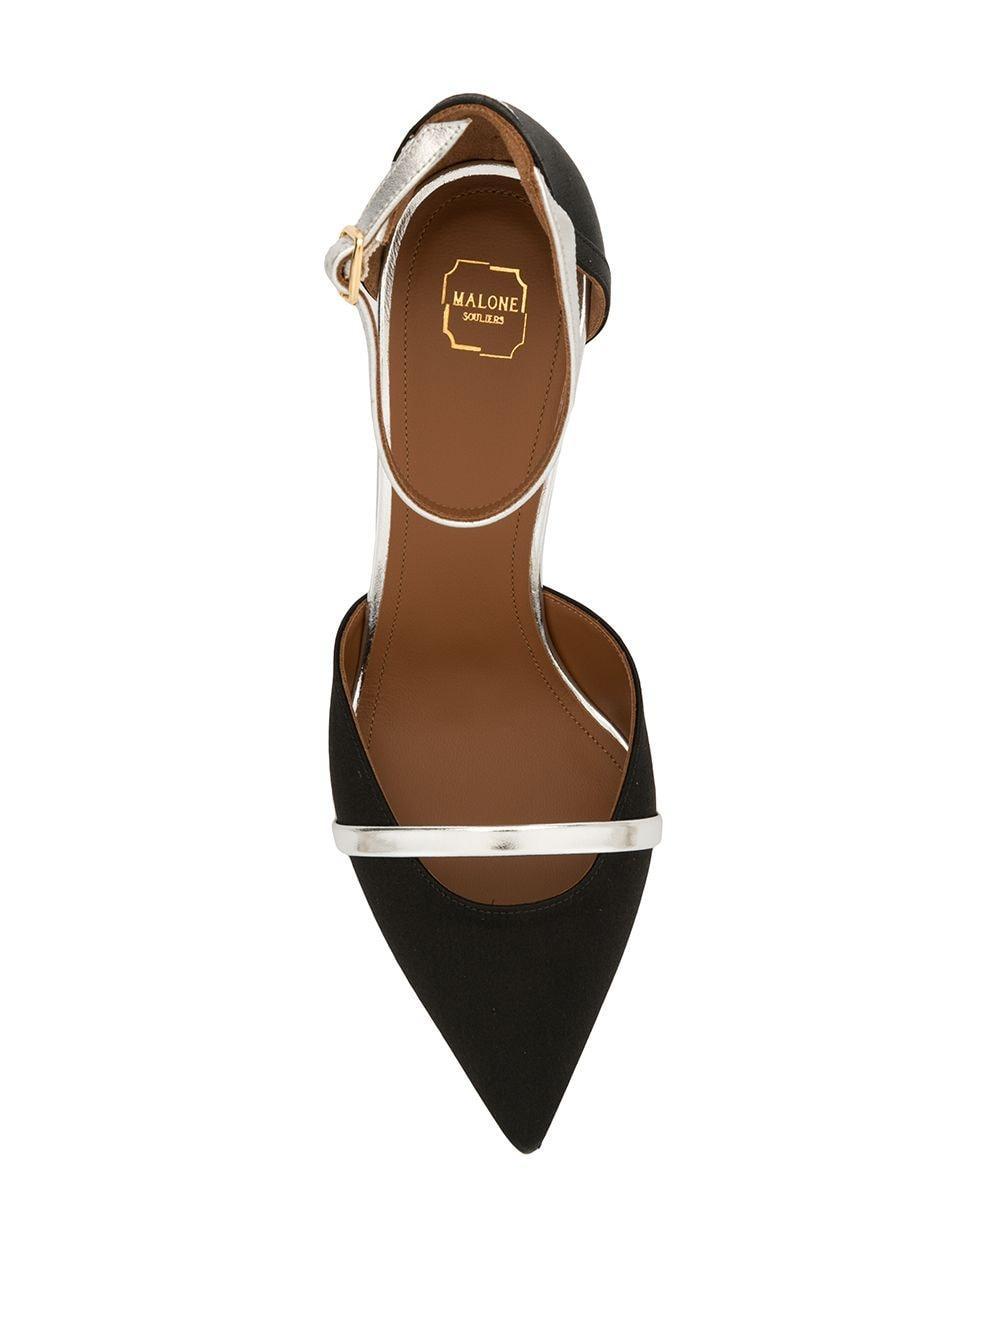 Zapatos de tacón BooBoo Malone Souliers de Cuero de color Negro